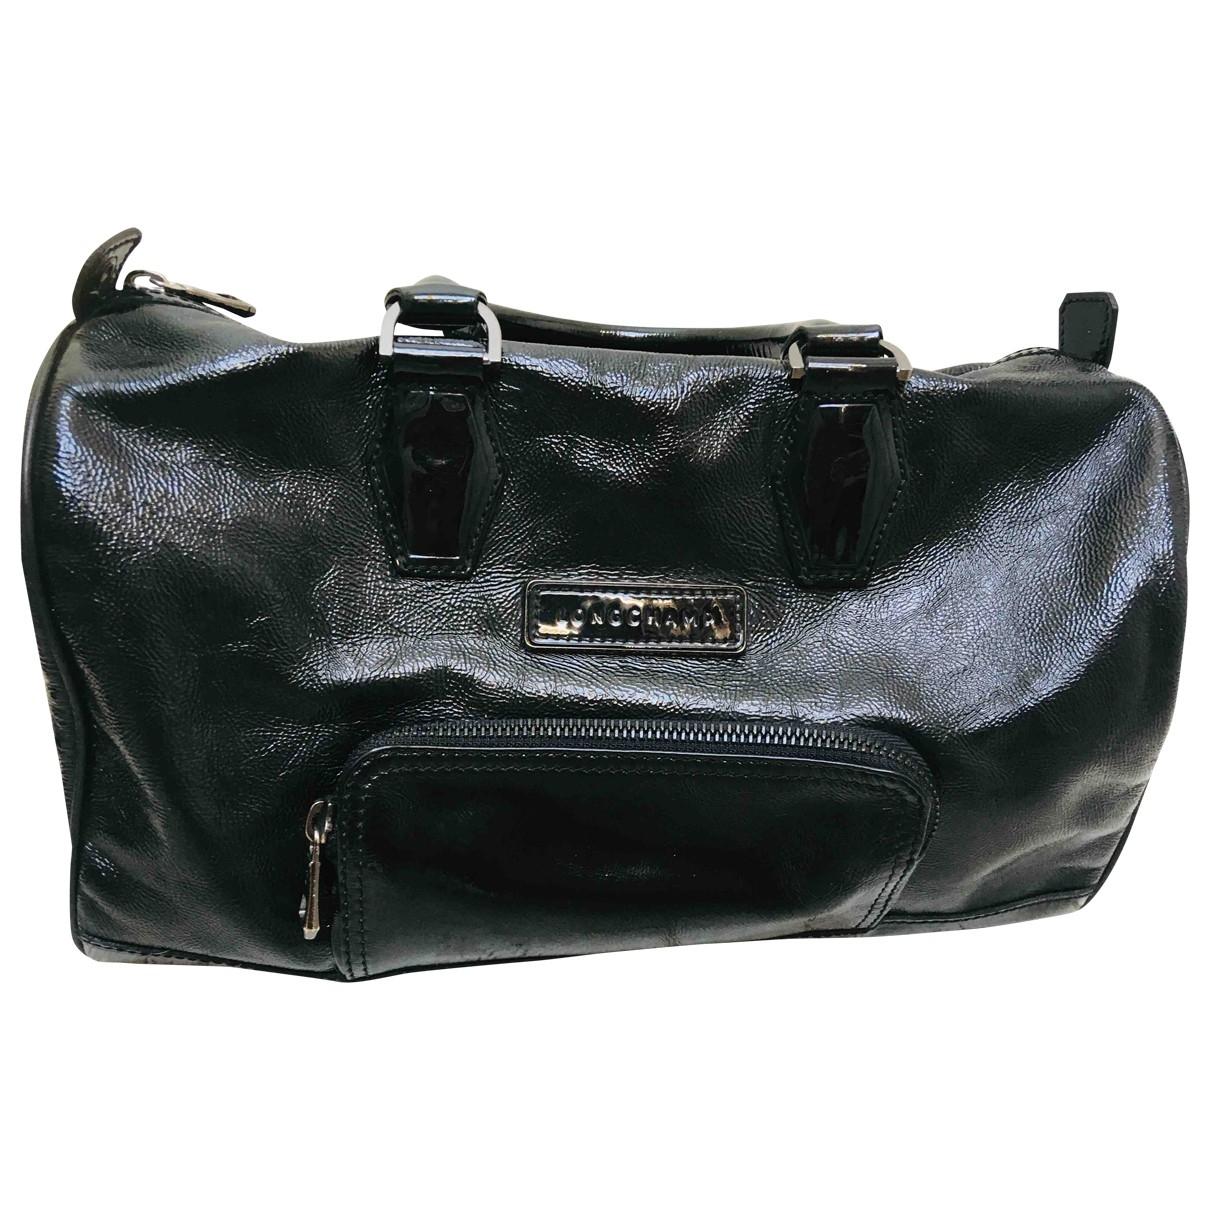 Longchamp Kate Moss Black Patent leather handbag for Women \N